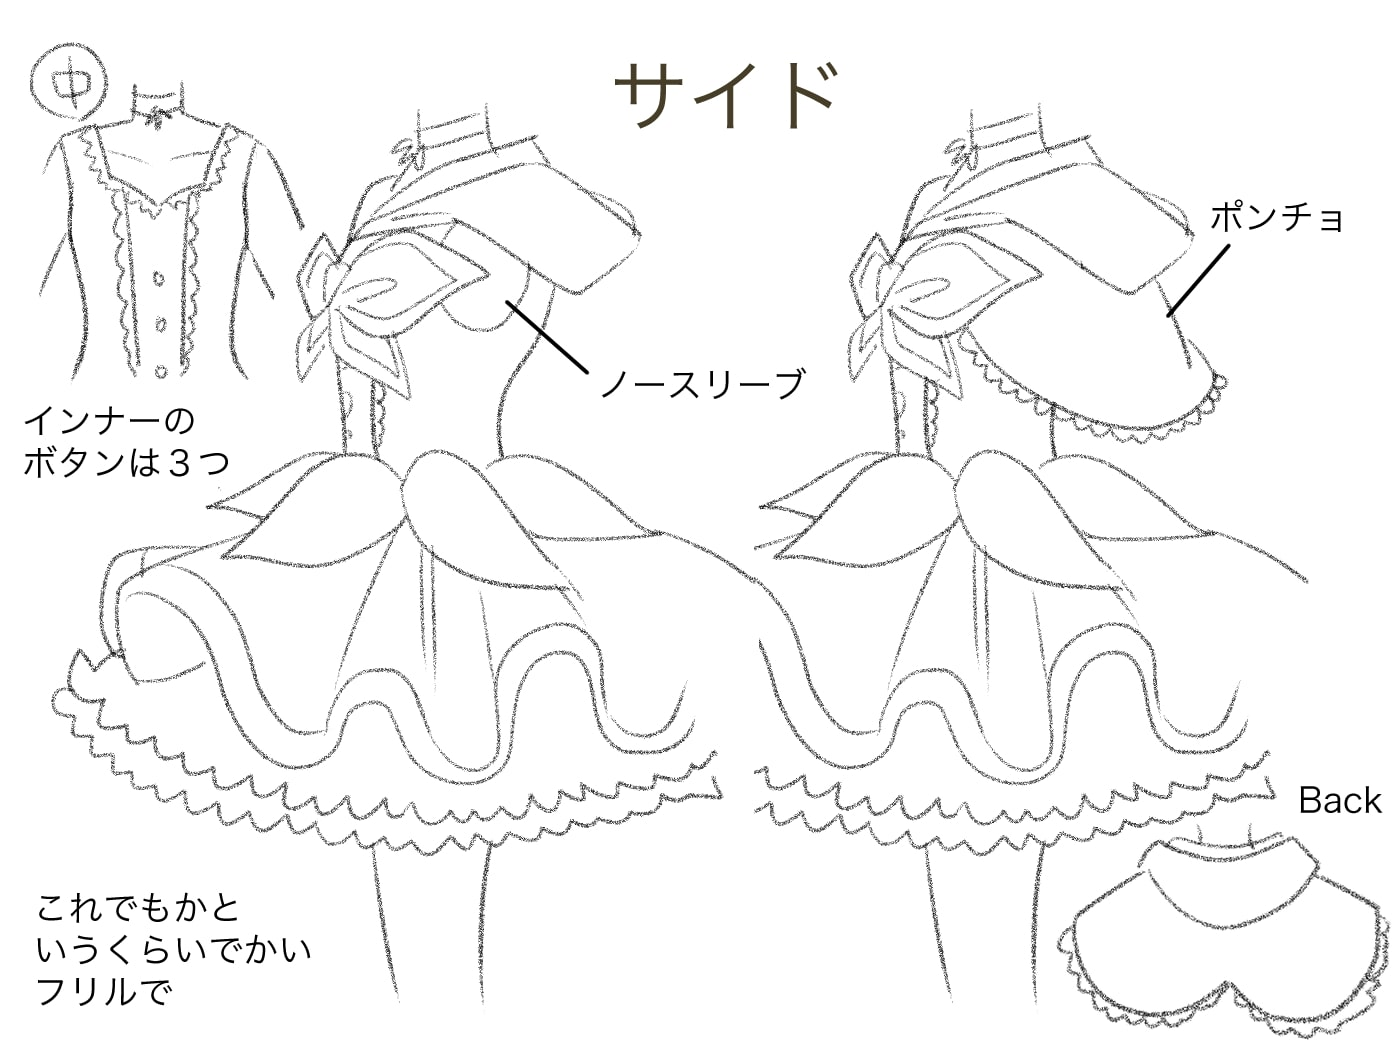 衣装デザイン・側面